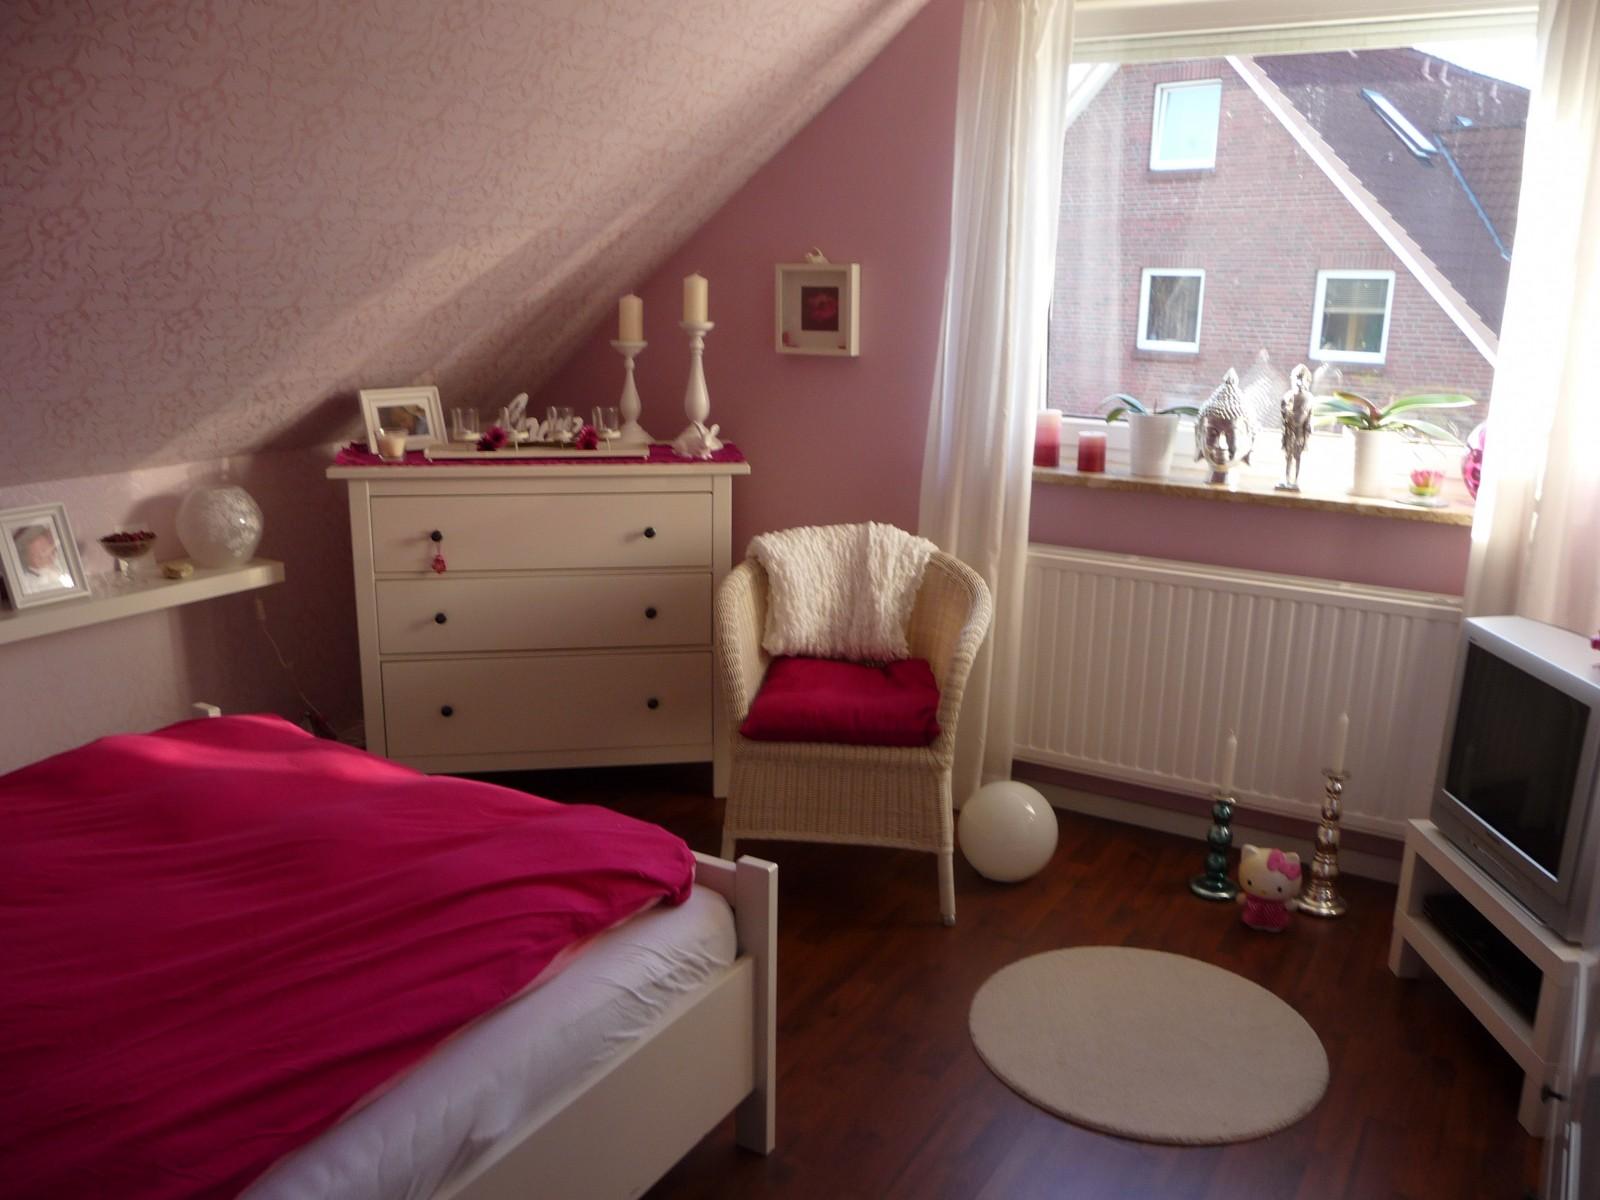 Schlafzimmer 39 mein schlafzimmer 39 mein zimmer zimmerschau - Mein schlafzimmer ...